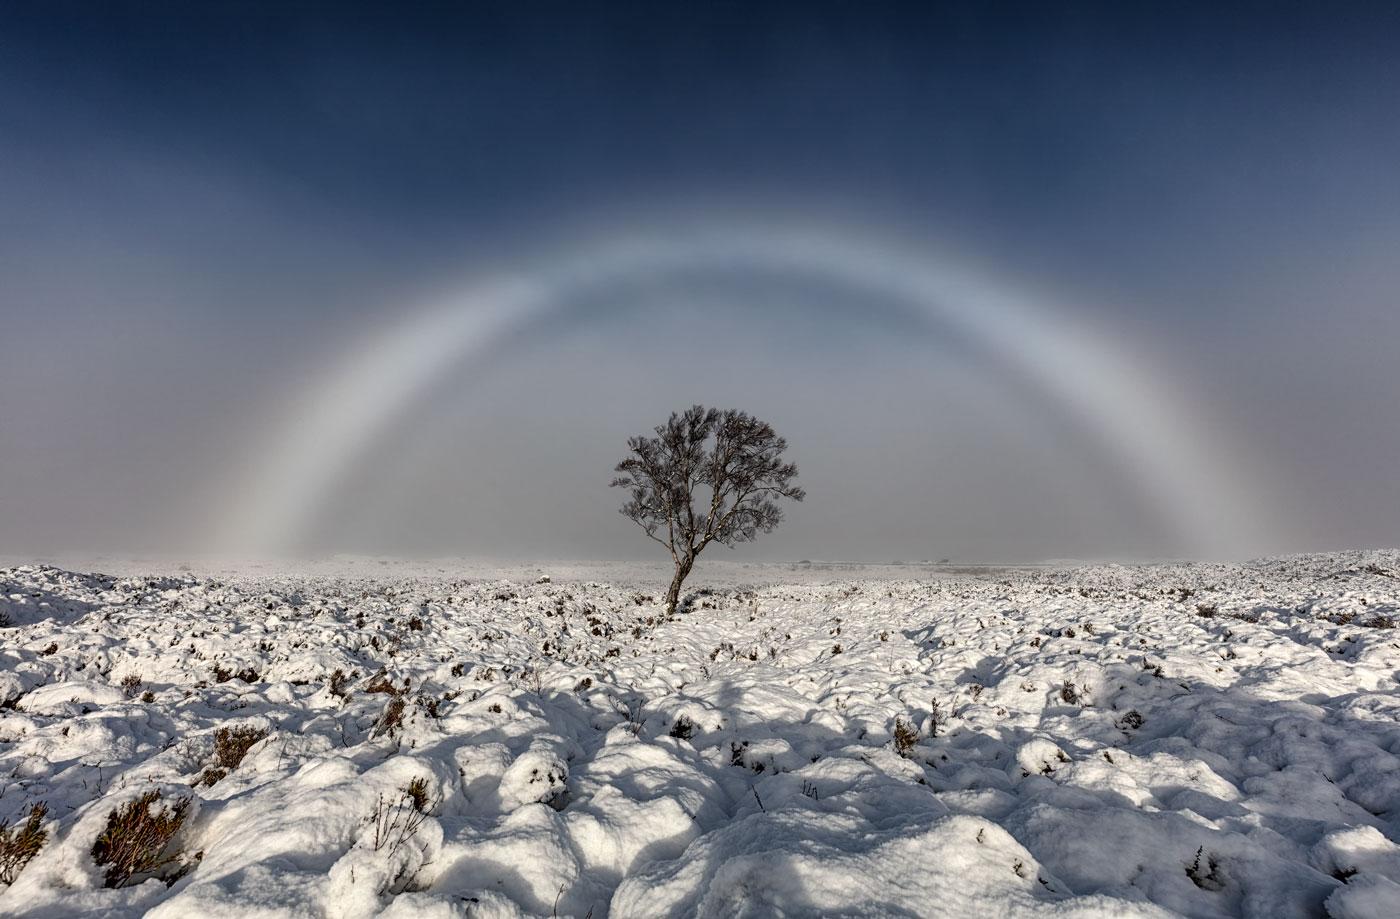 Aparece na Escócia um mágico arco-íris branco